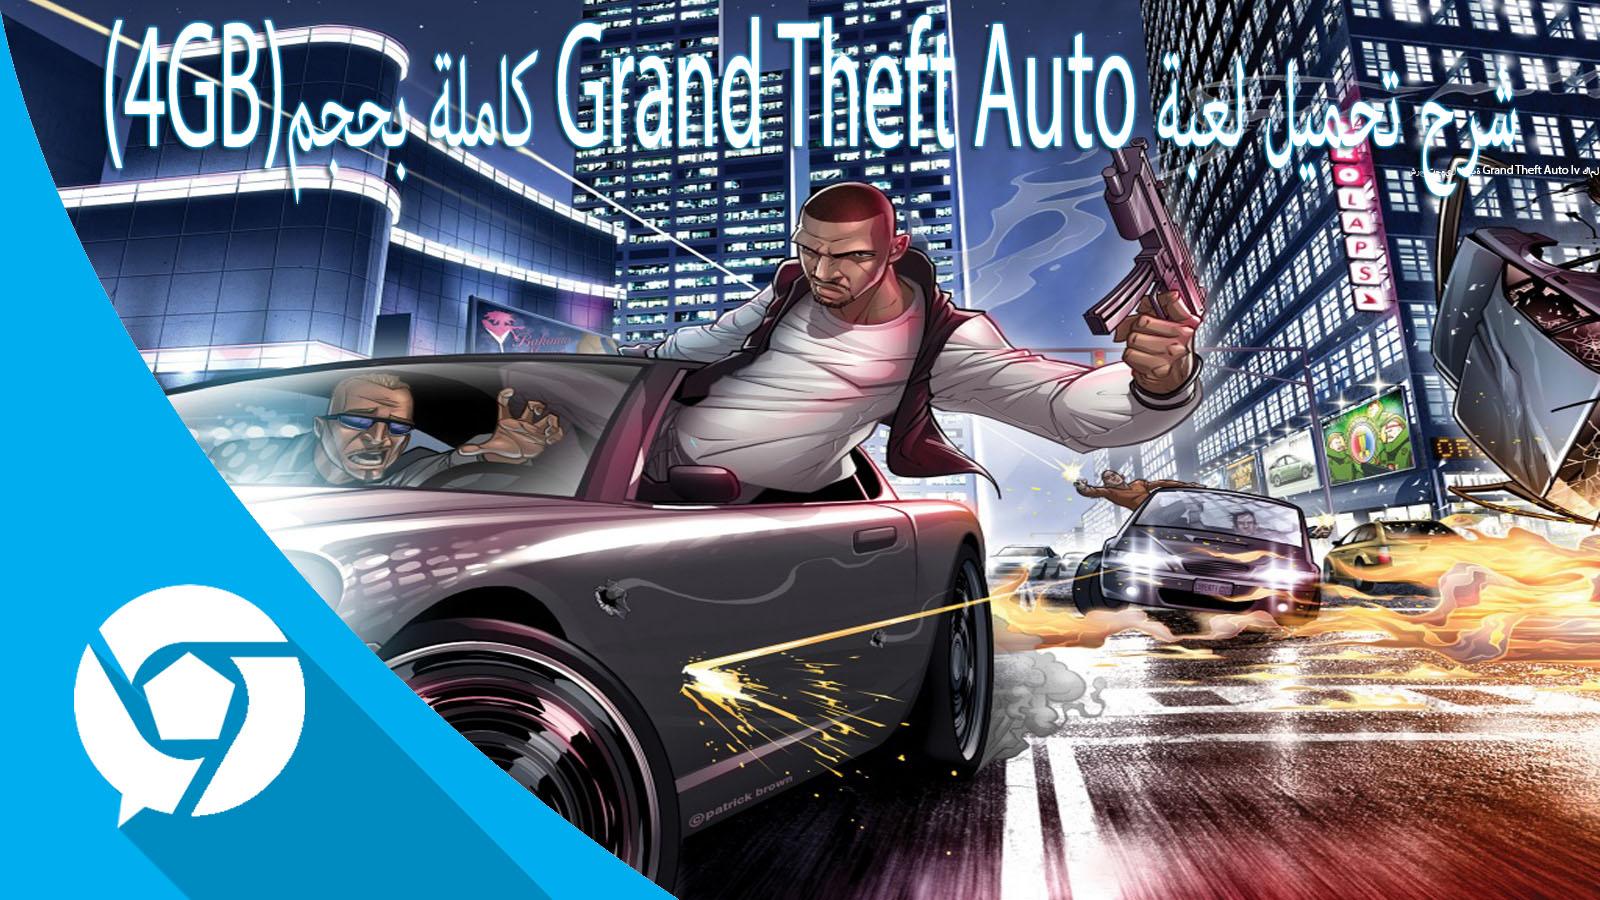 شرح تحميل لعبة Grand Theft Auto Iv كاملة بحجم (4 GB)